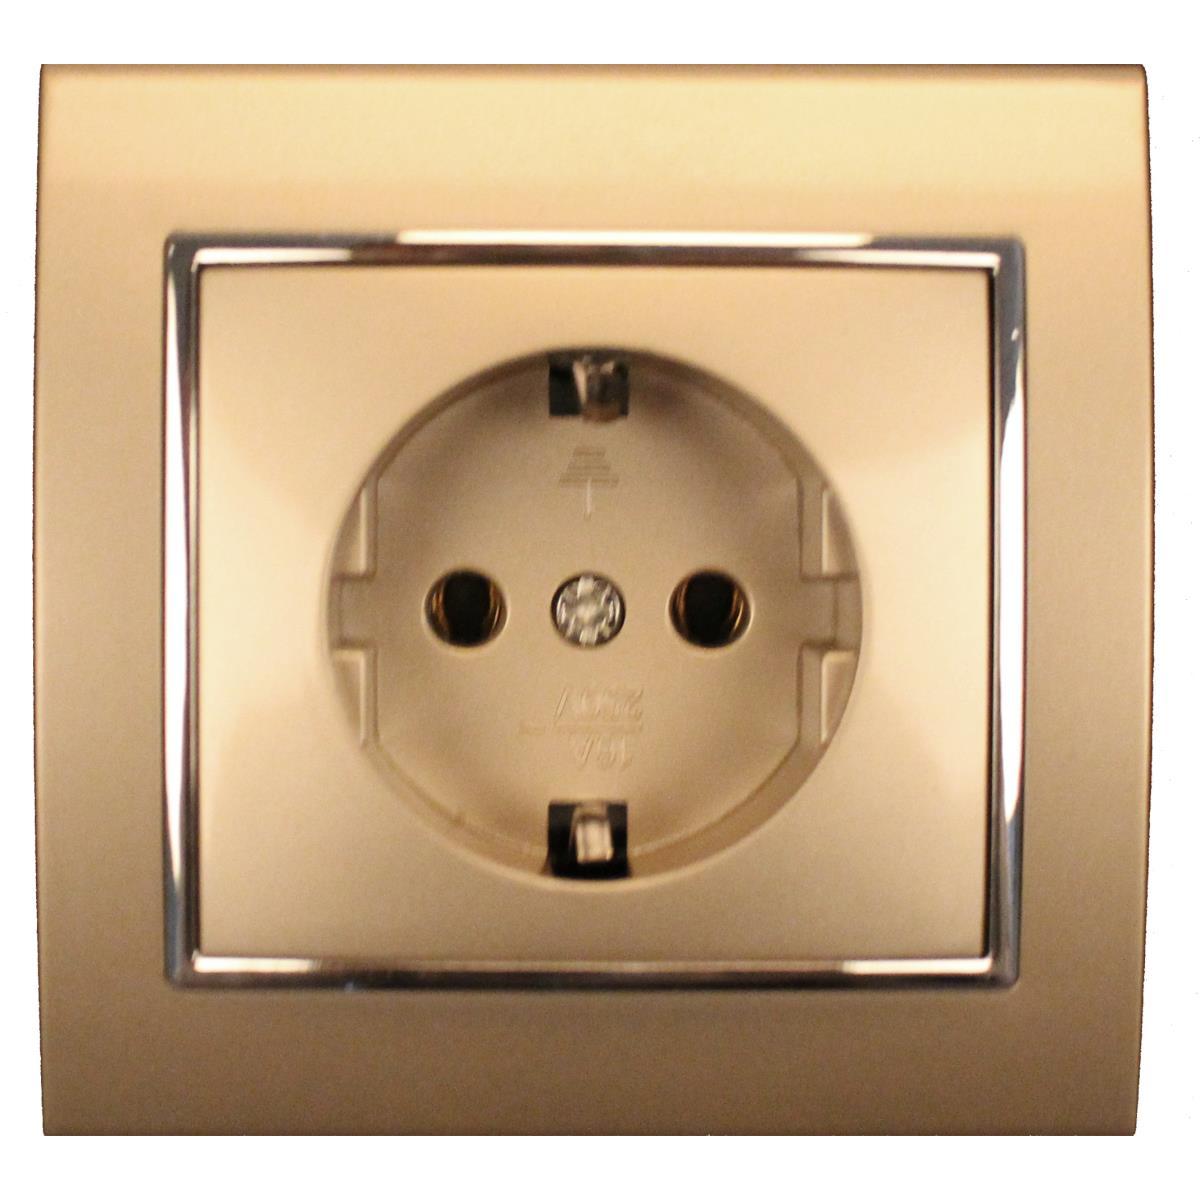 steckdose mit schutzkontakt farbe champagner silber ip20. Black Bedroom Furniture Sets. Home Design Ideas